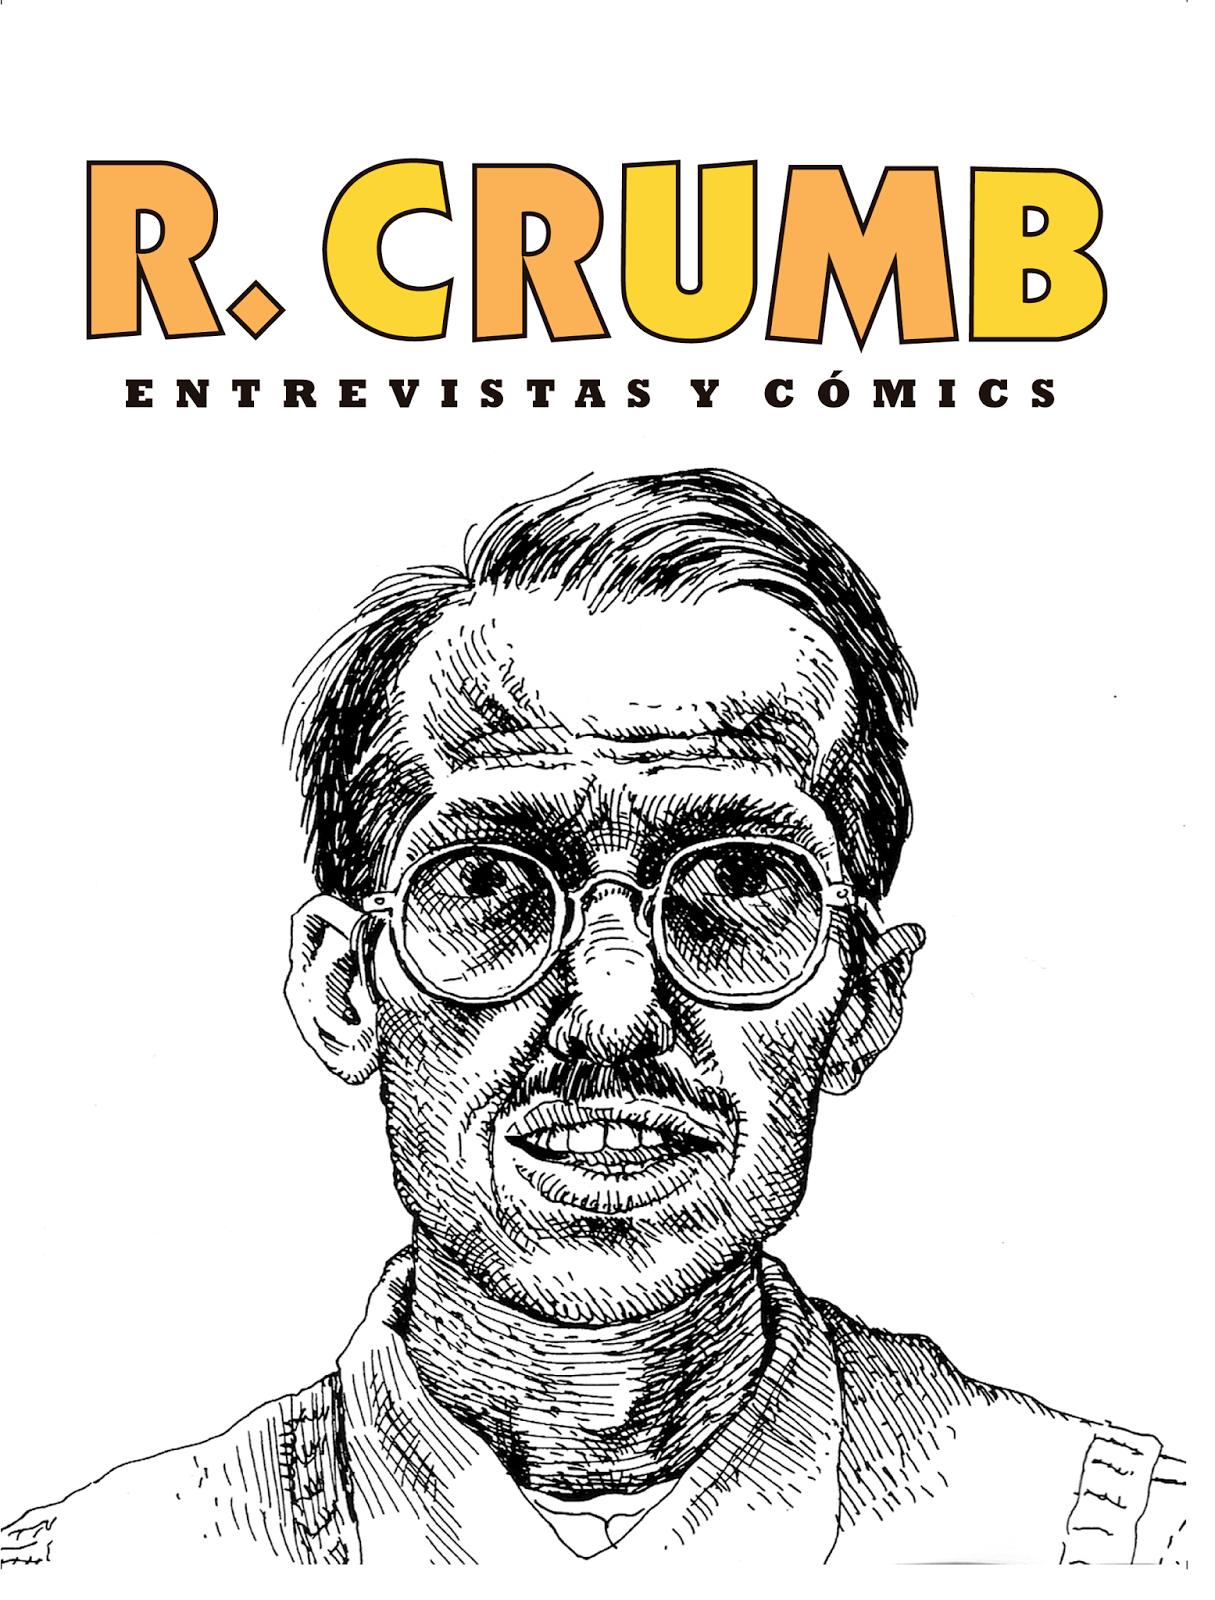 R. Crumb. Entrevistas y cómics